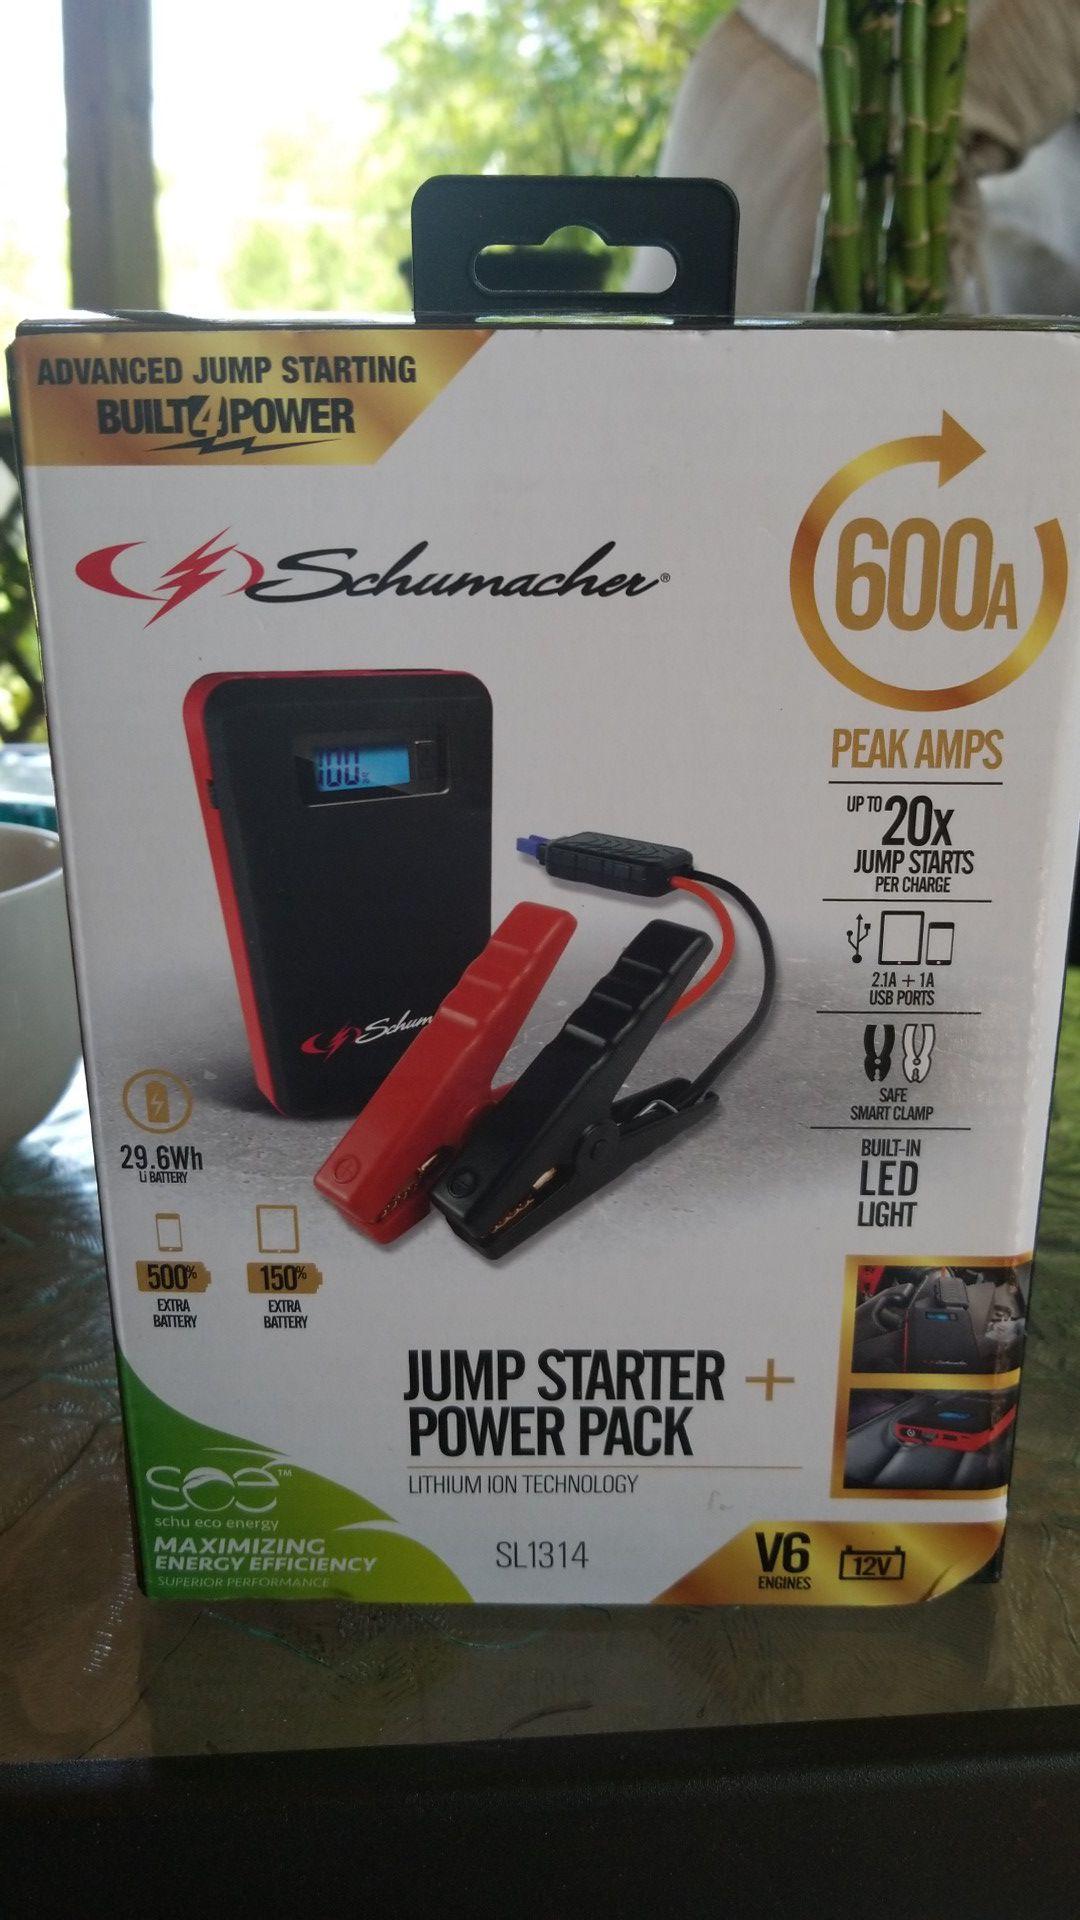 Jump Starter Plus Power Pack